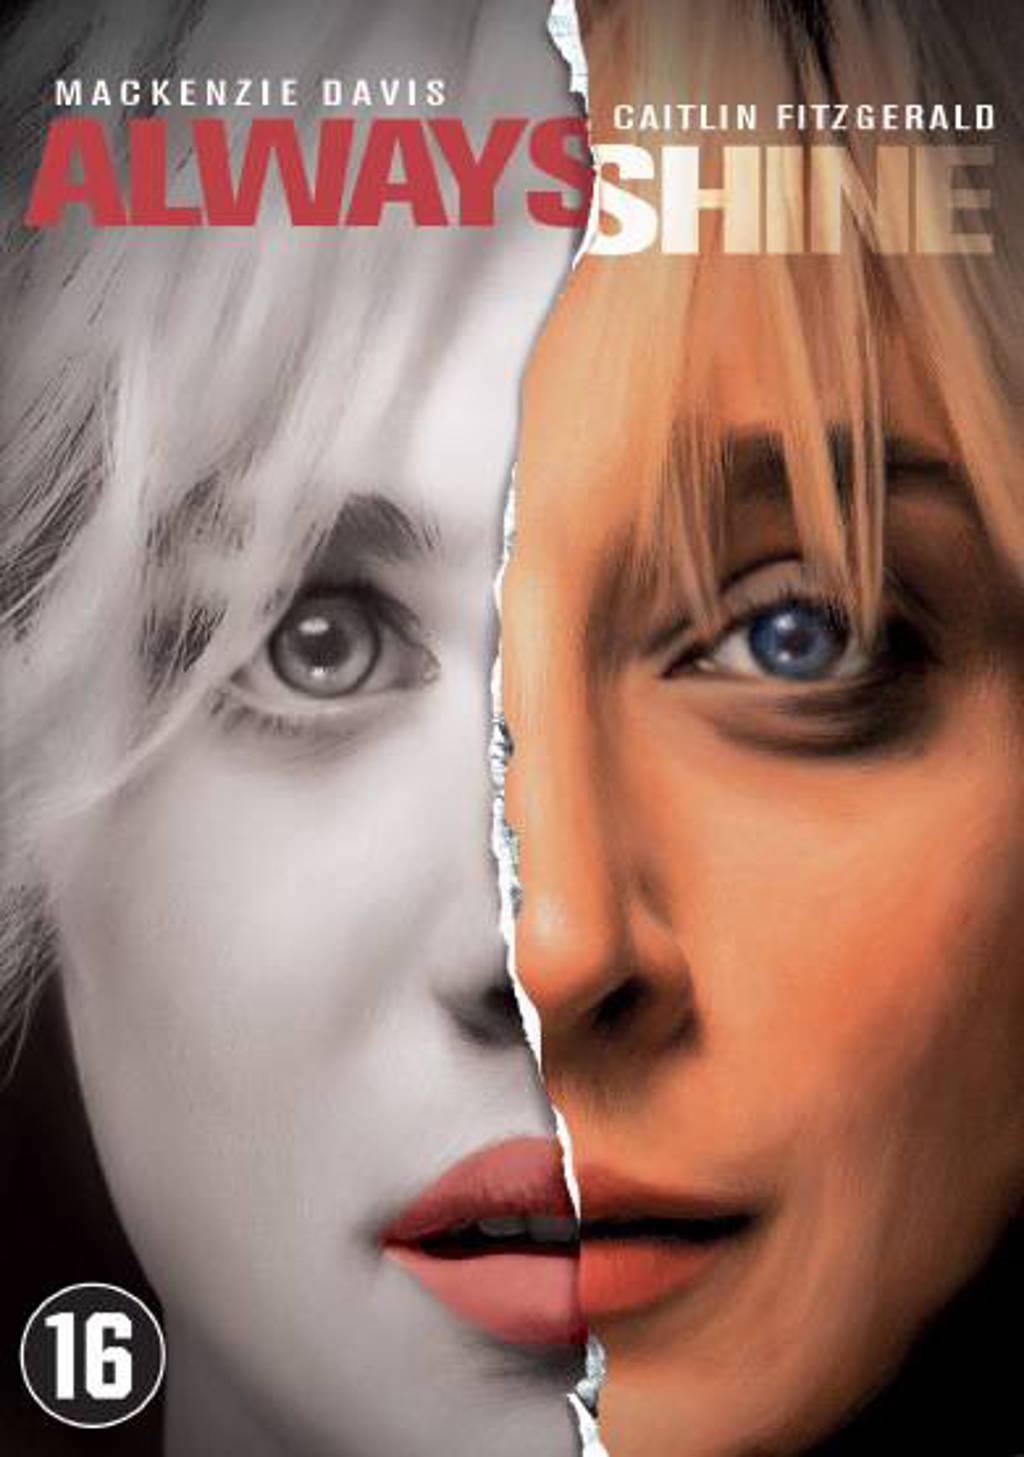 Always shine (DVD)